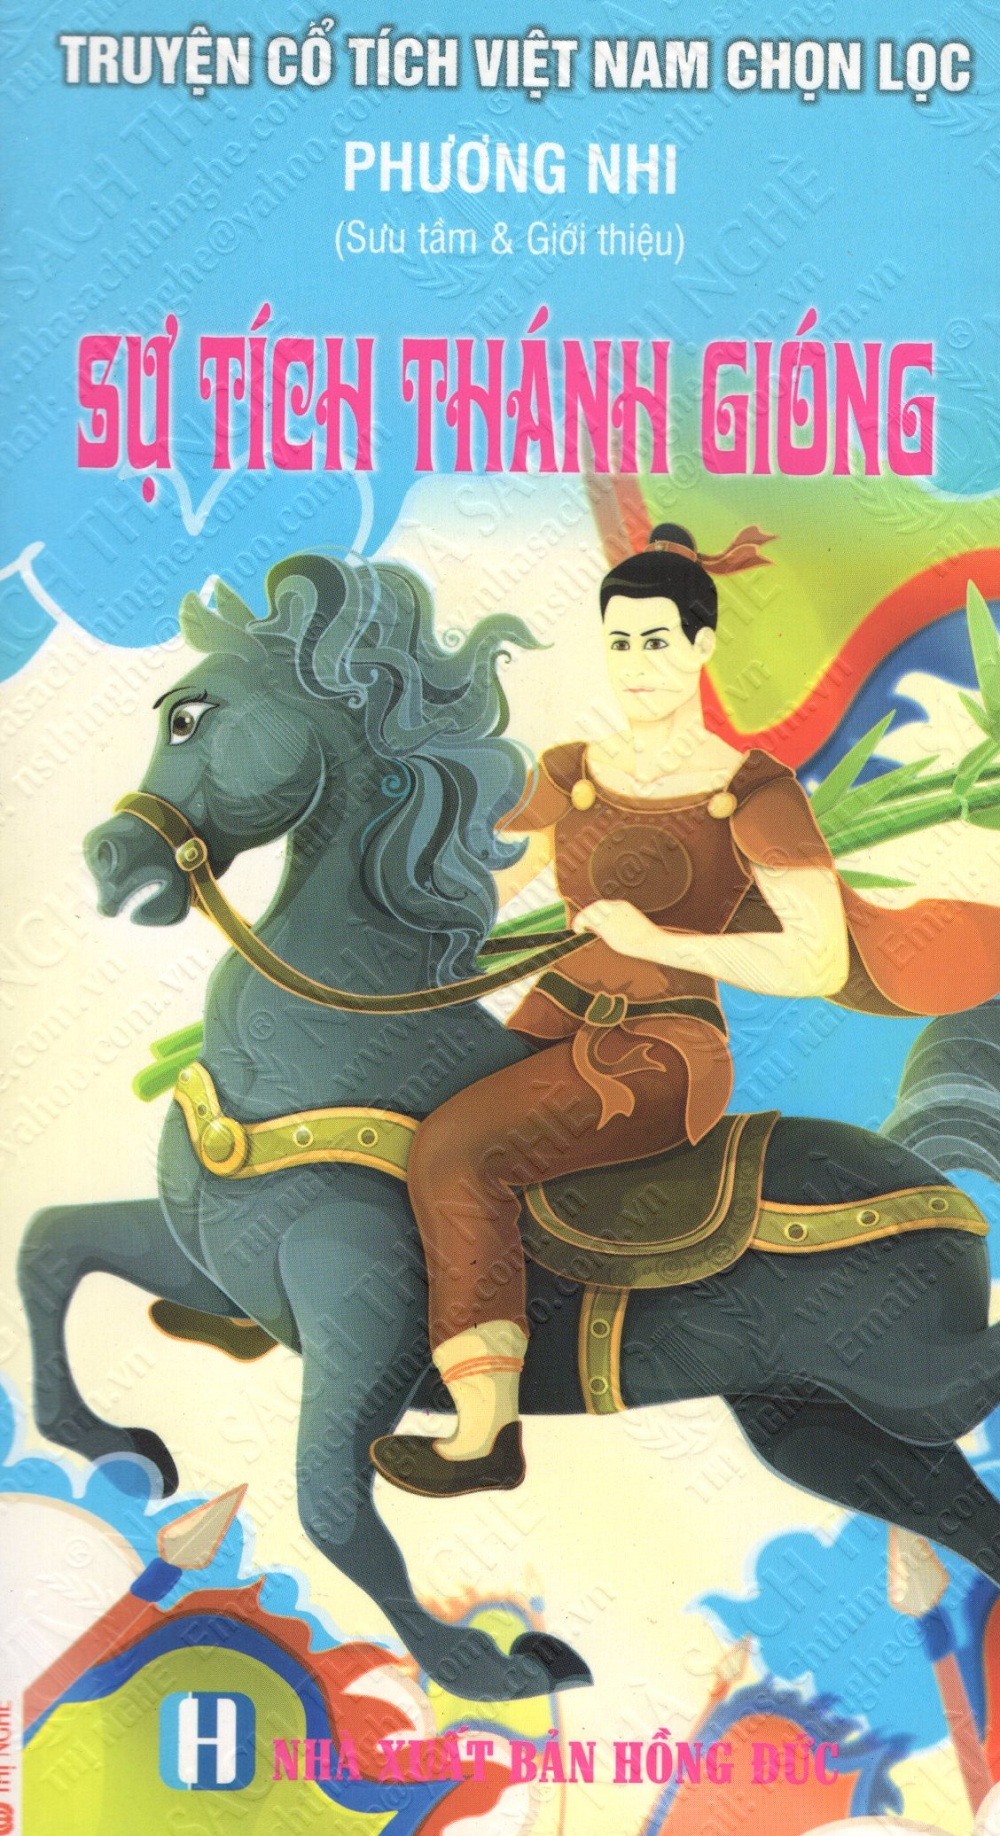 Bìa sách Truyện Cổ Tích Việt Nam Chọn Lọc: Sự Tích Thánh Gióng